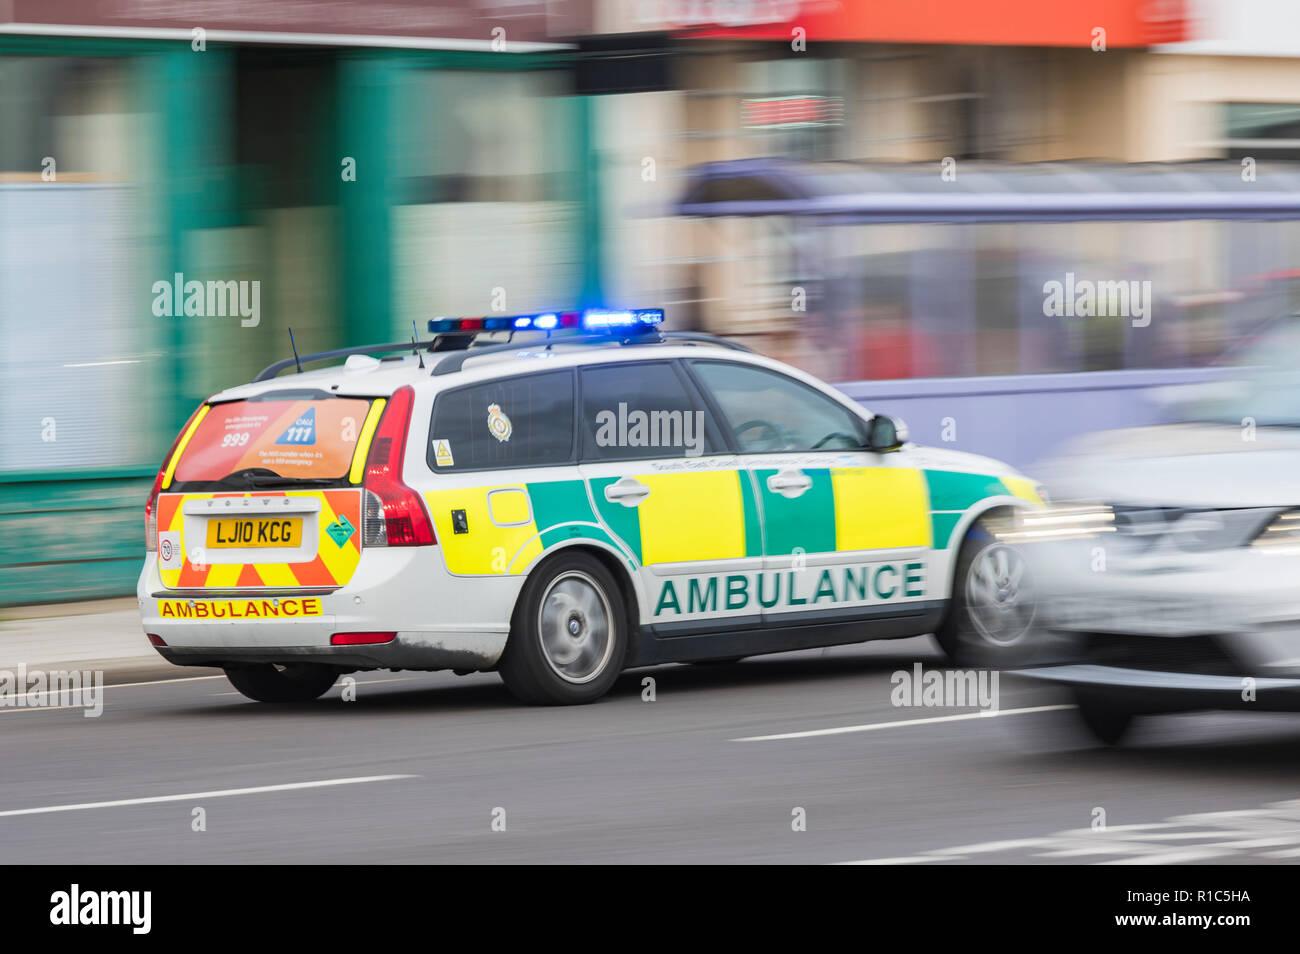 Ambulanza risposta veloce auto con luci blu lampeggiante sul modo per chiamata di emergenza nel West Sussex, Regno Unito. Motion Blur effetto. Immagini Stock